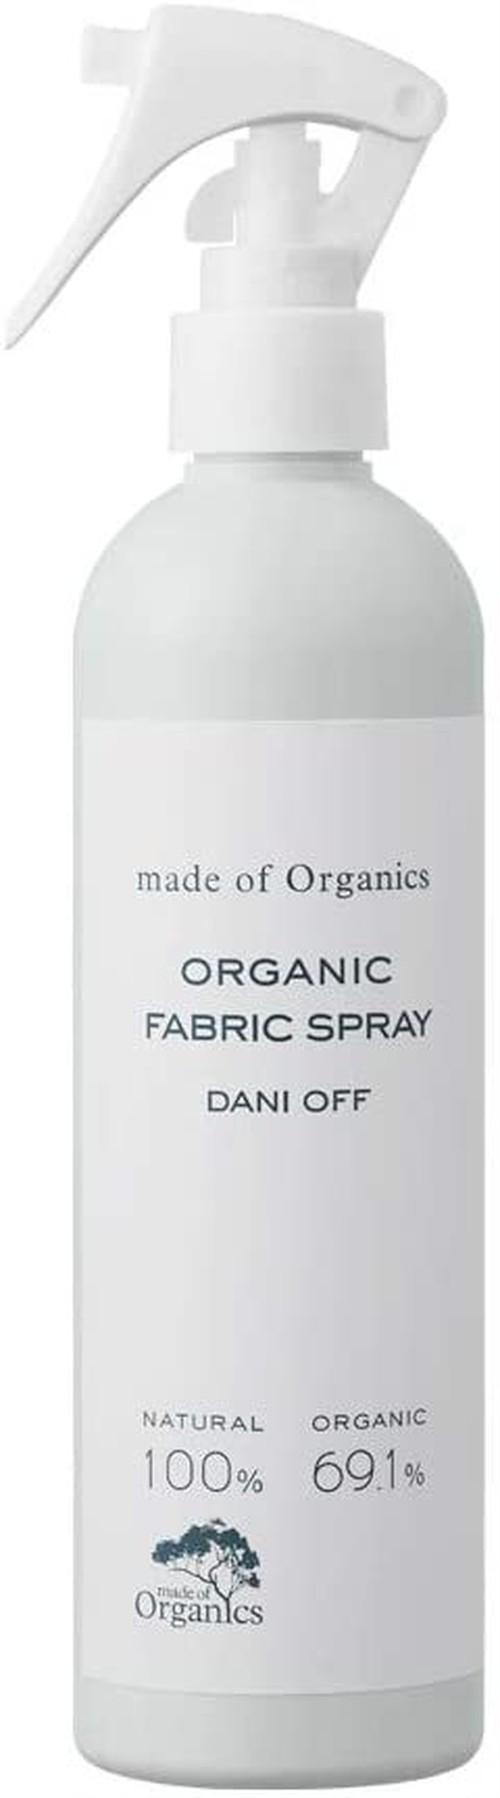 Organic Danioff Fabric spray オーガニック ダニオフ ファブリックスプレー 虫よけ ダニ除け